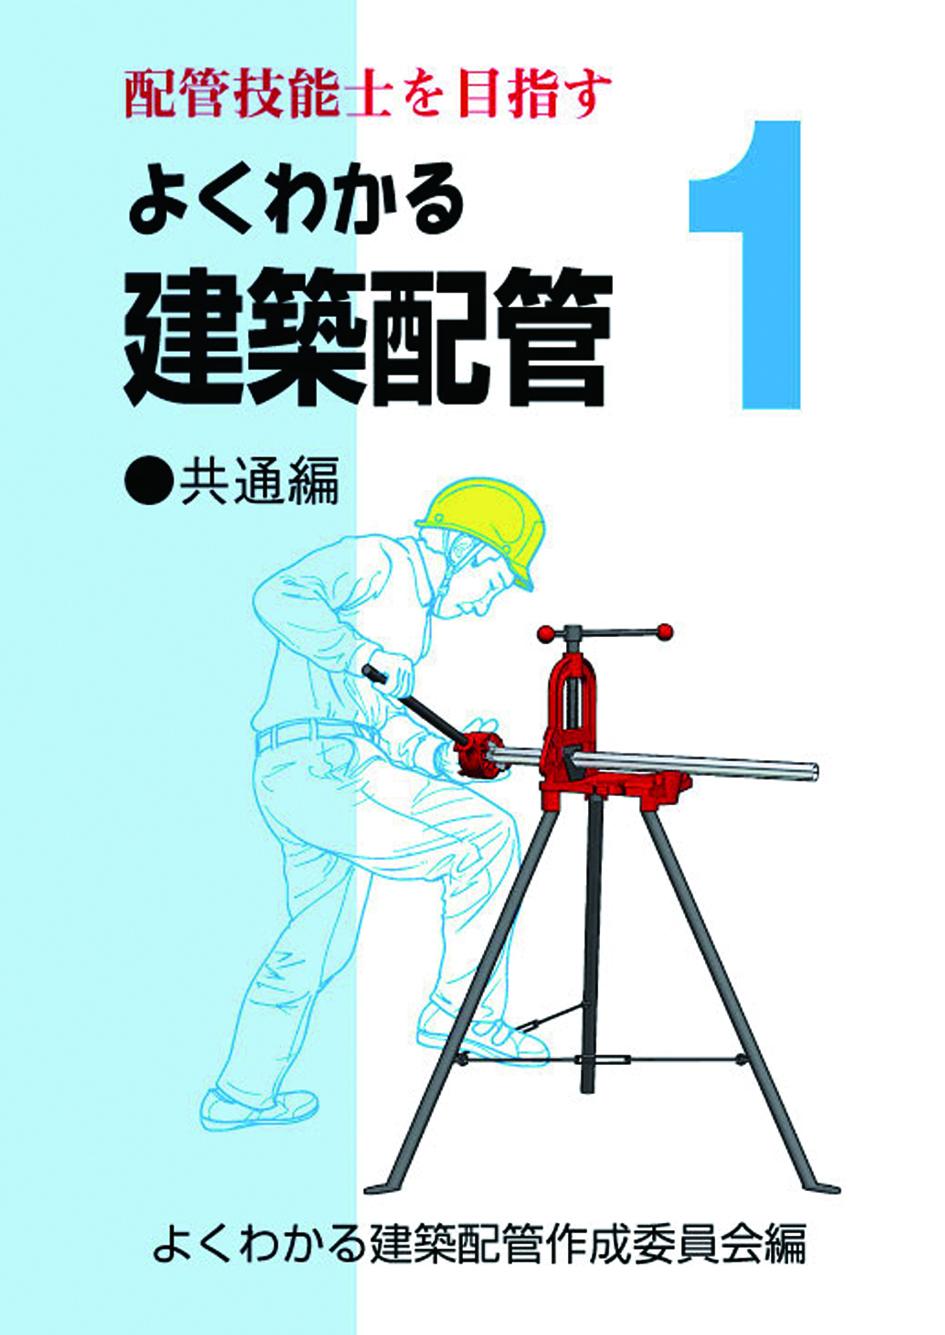 よくわかる建築配管1